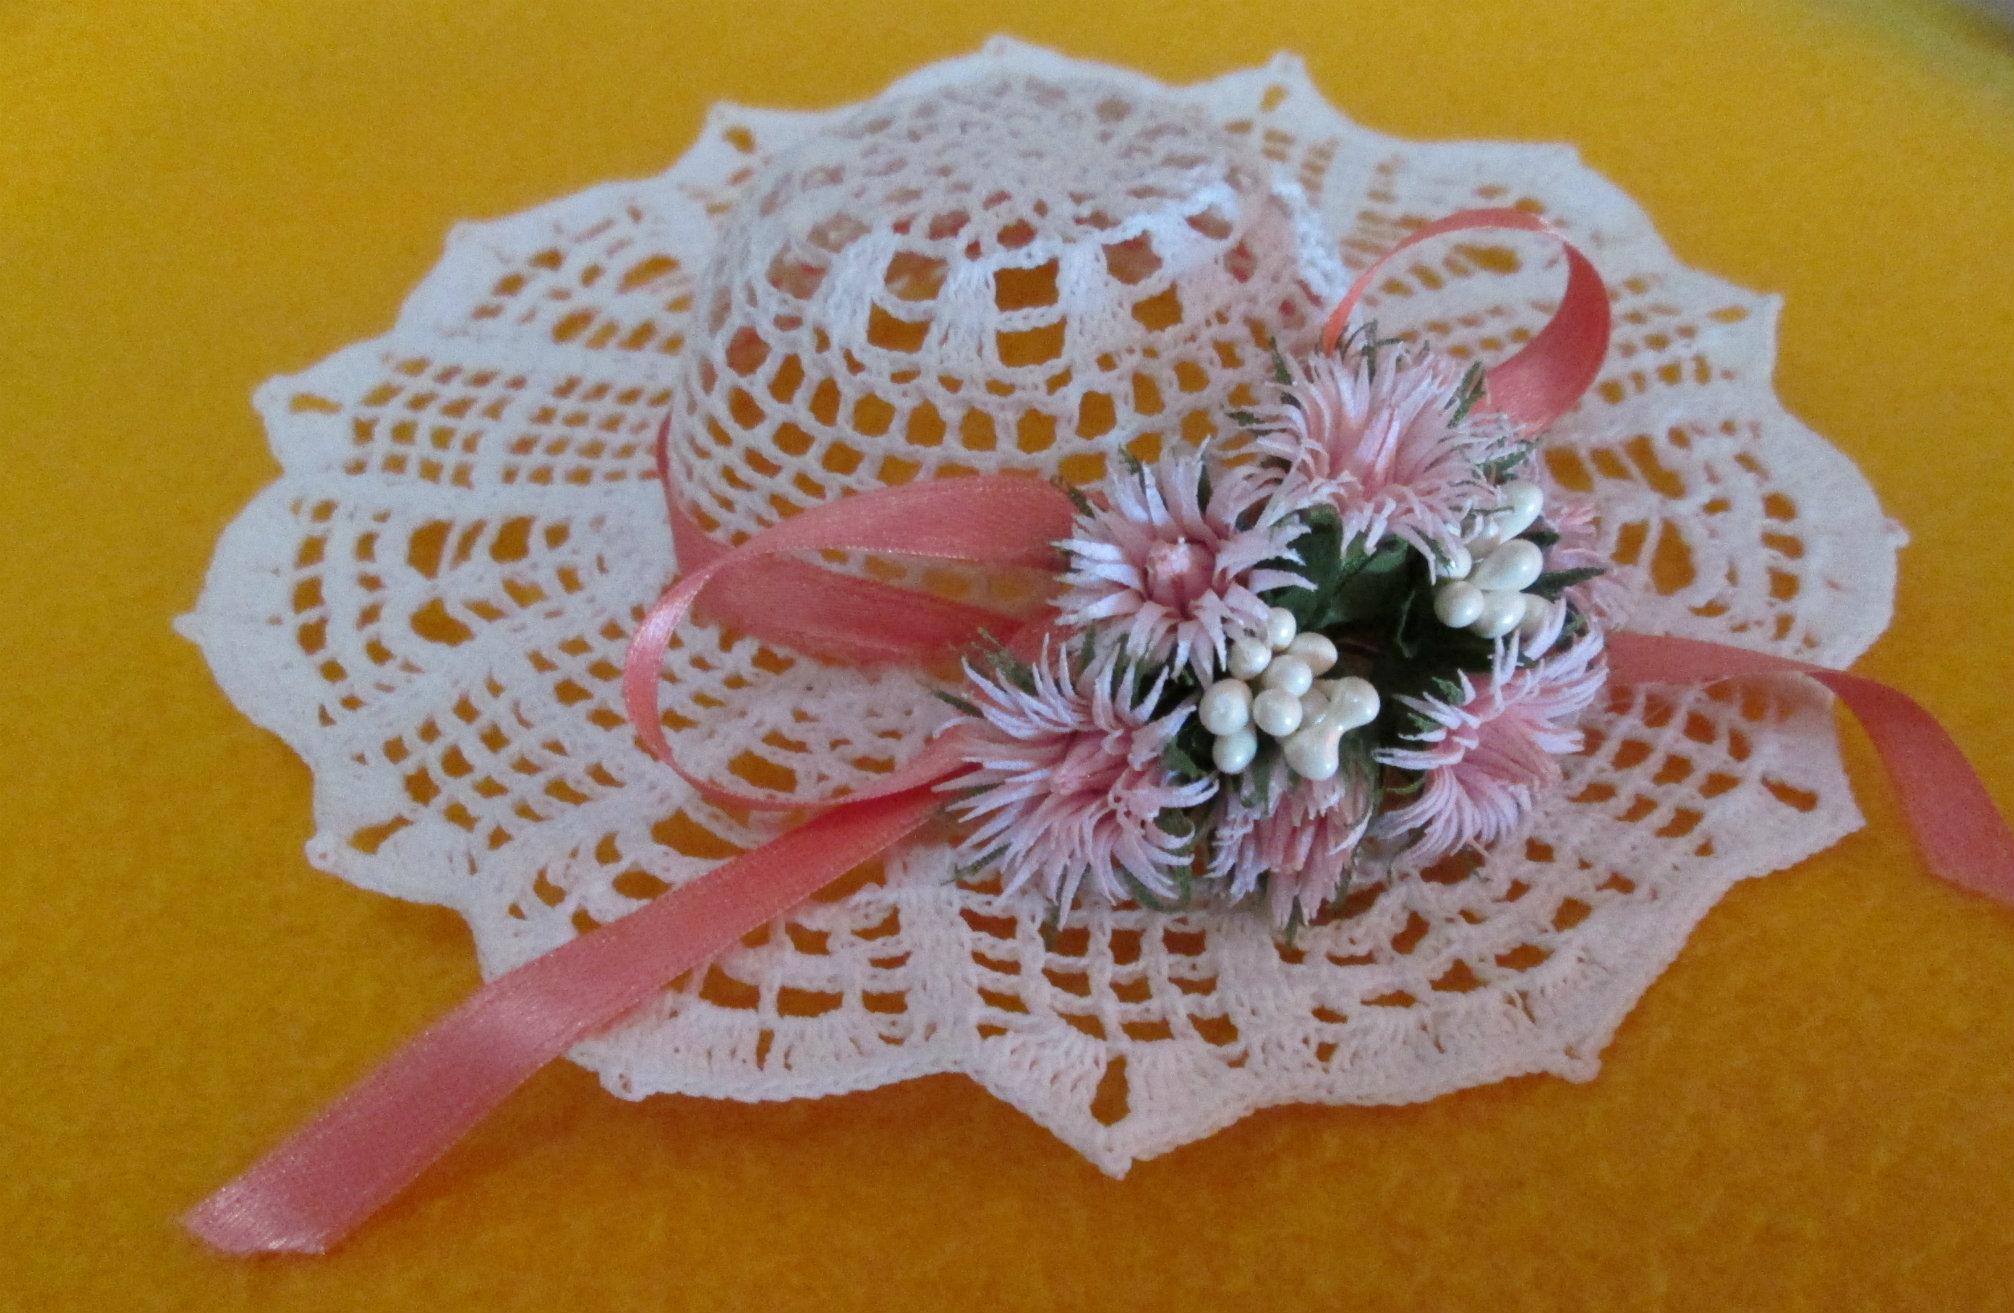 Estremamente Come inamidare i nostri lavori a Crochet | Zucchero di Lana HA26